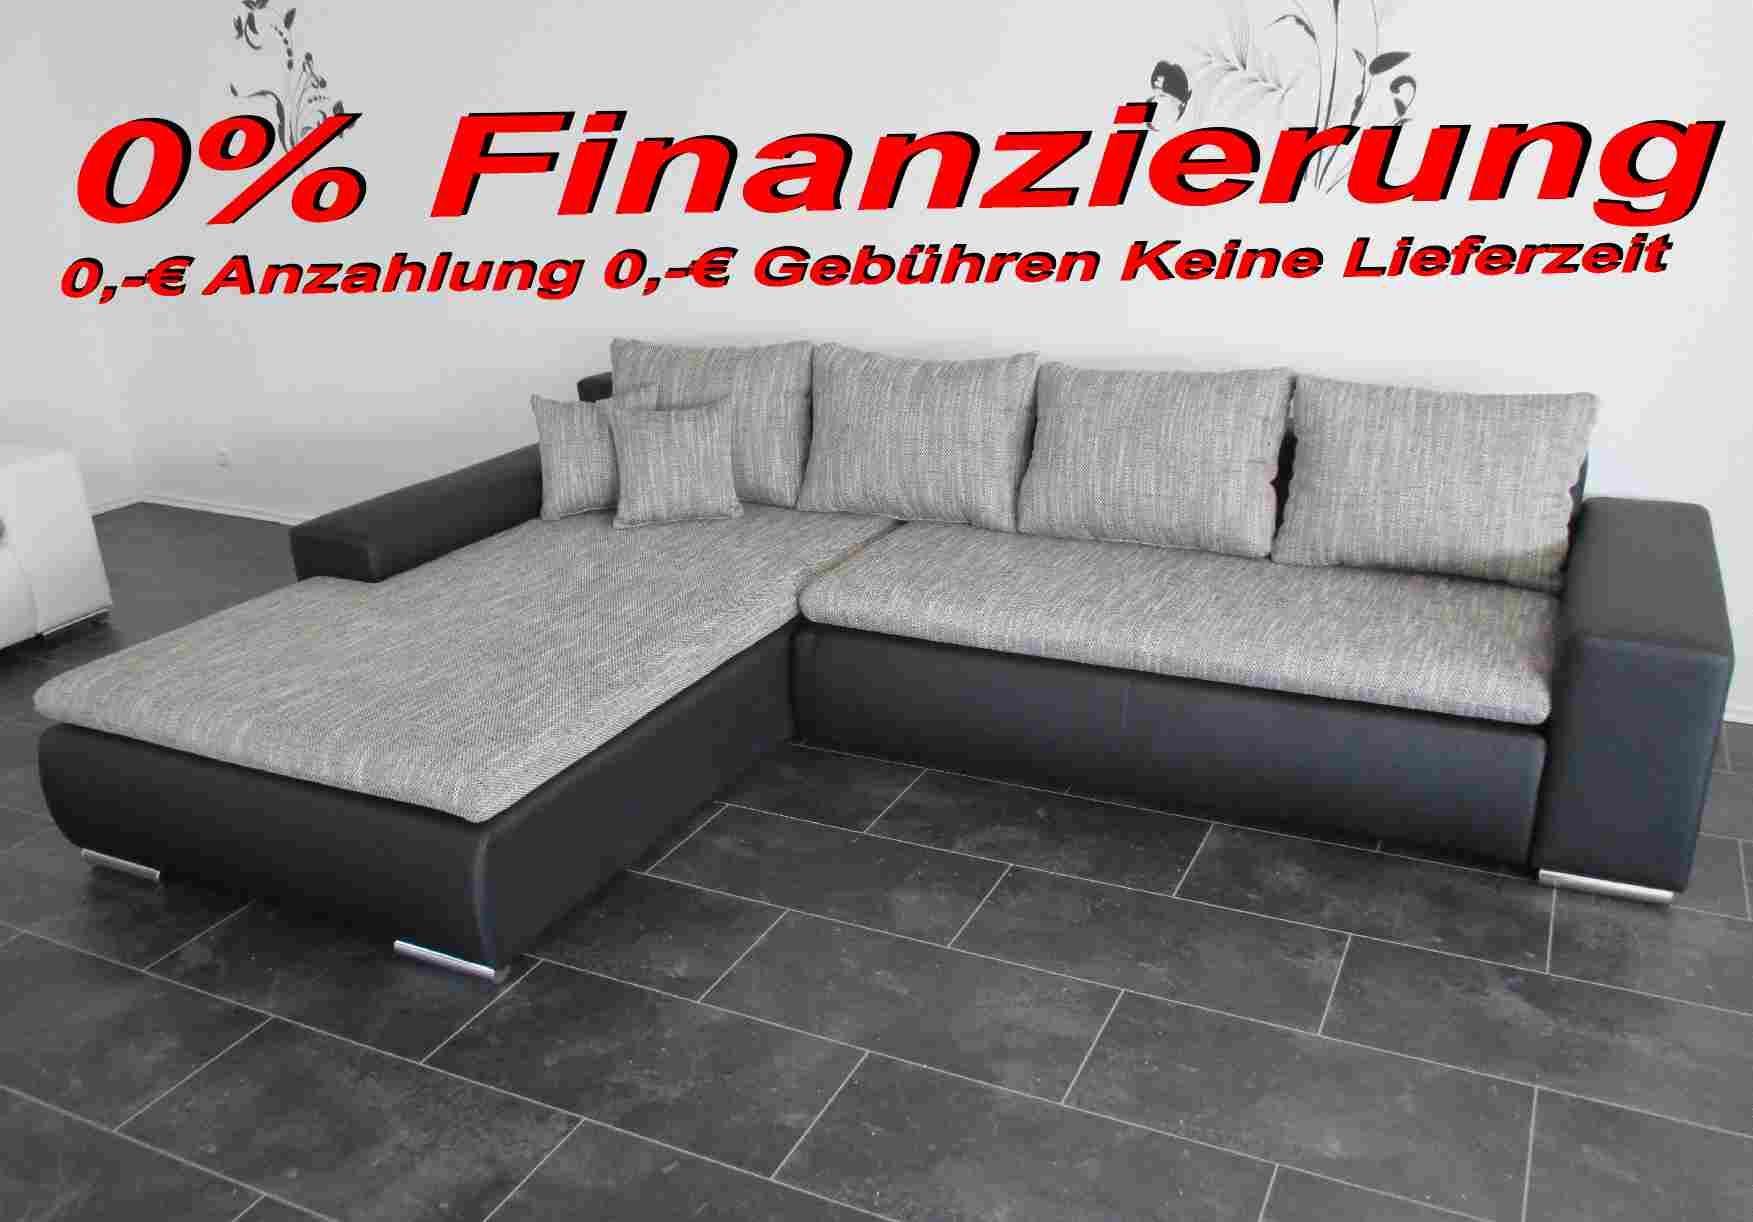 c6af9051b01415 Sofa Lagerverkauf Fabrikverkauf Elkenroth - Polstermöbel Wohnlandschaften  Trendsofas Sofas sofort ab Lager www.sofa-fabrikverkauf.de